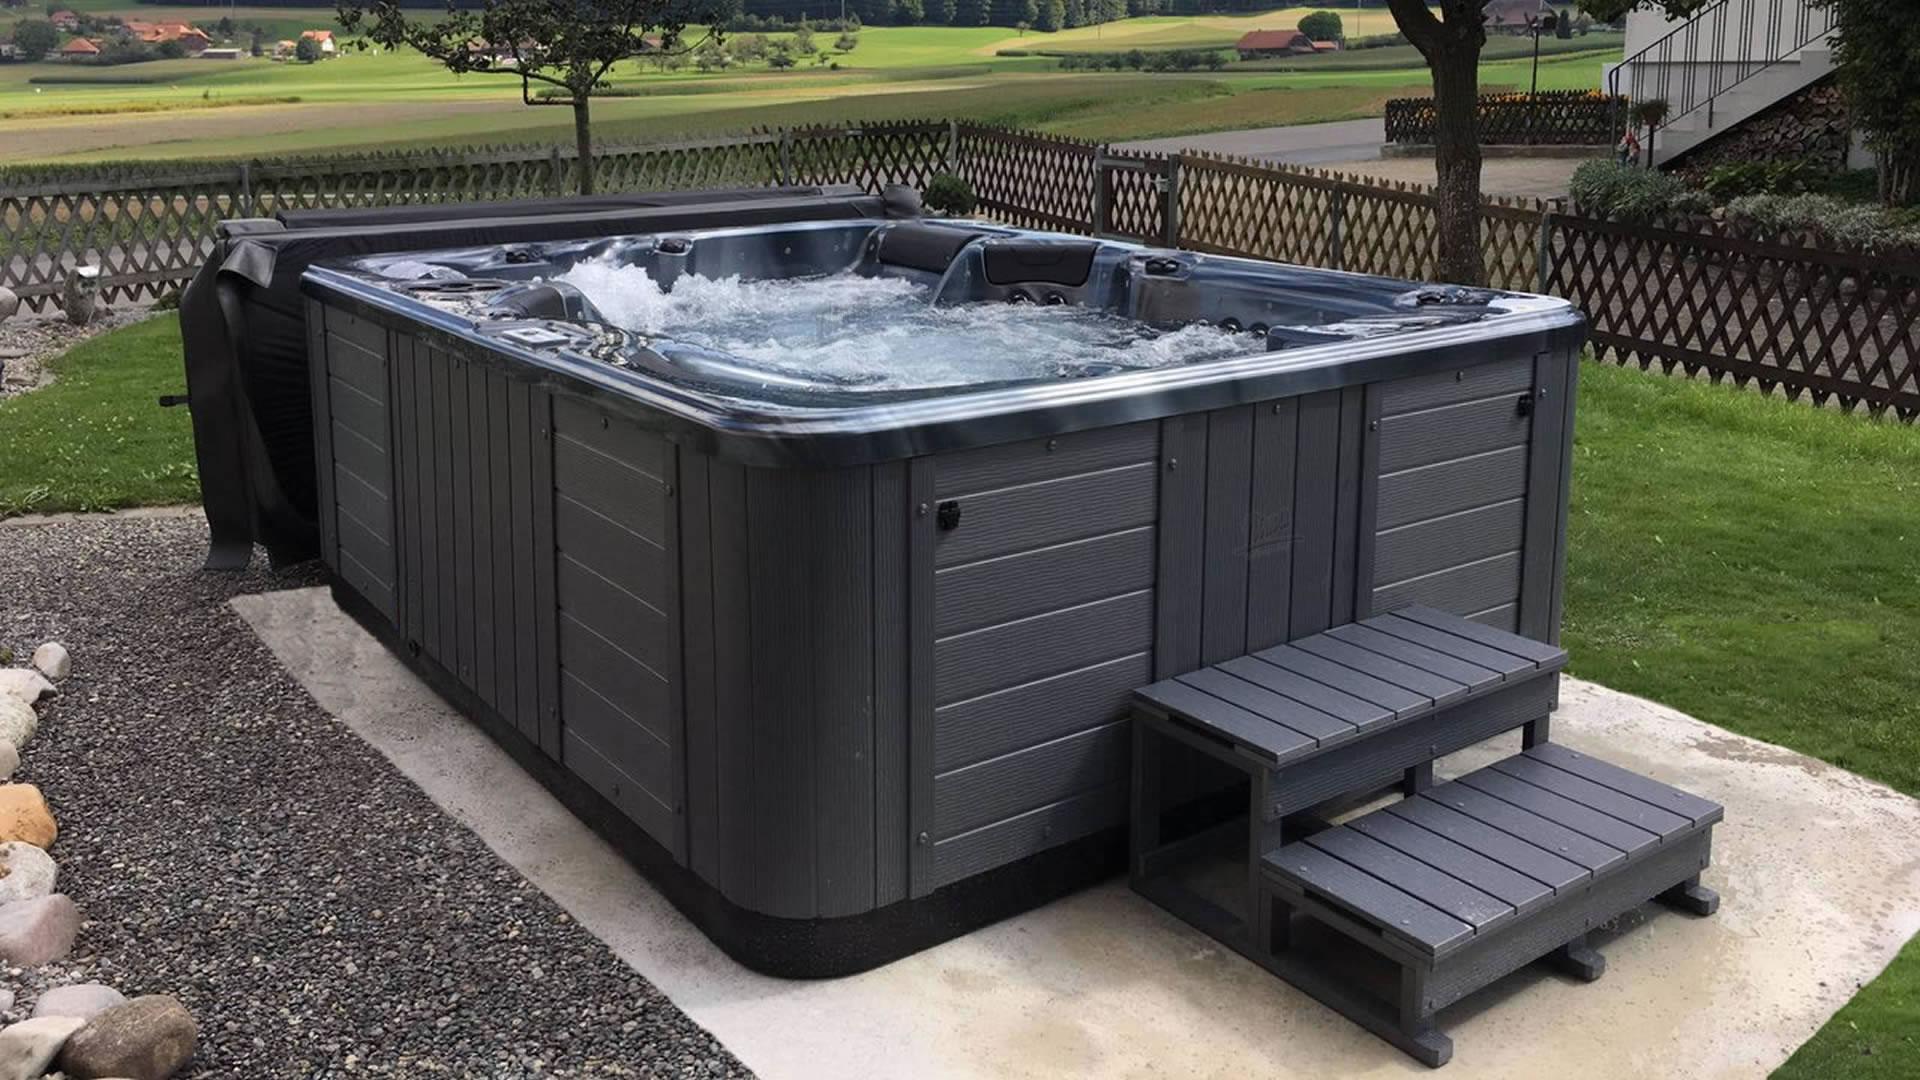 Full Size of Mini Pool Kaufen Online Gfk Garten Infinity Whirlpools Zu Eu Preisen Jetzt Profitieren Betten Günstig Bad Sofa Küche Ikea Gebrauchte Schwimmingpool Für Den Wohnzimmer Mini Pool Kaufen